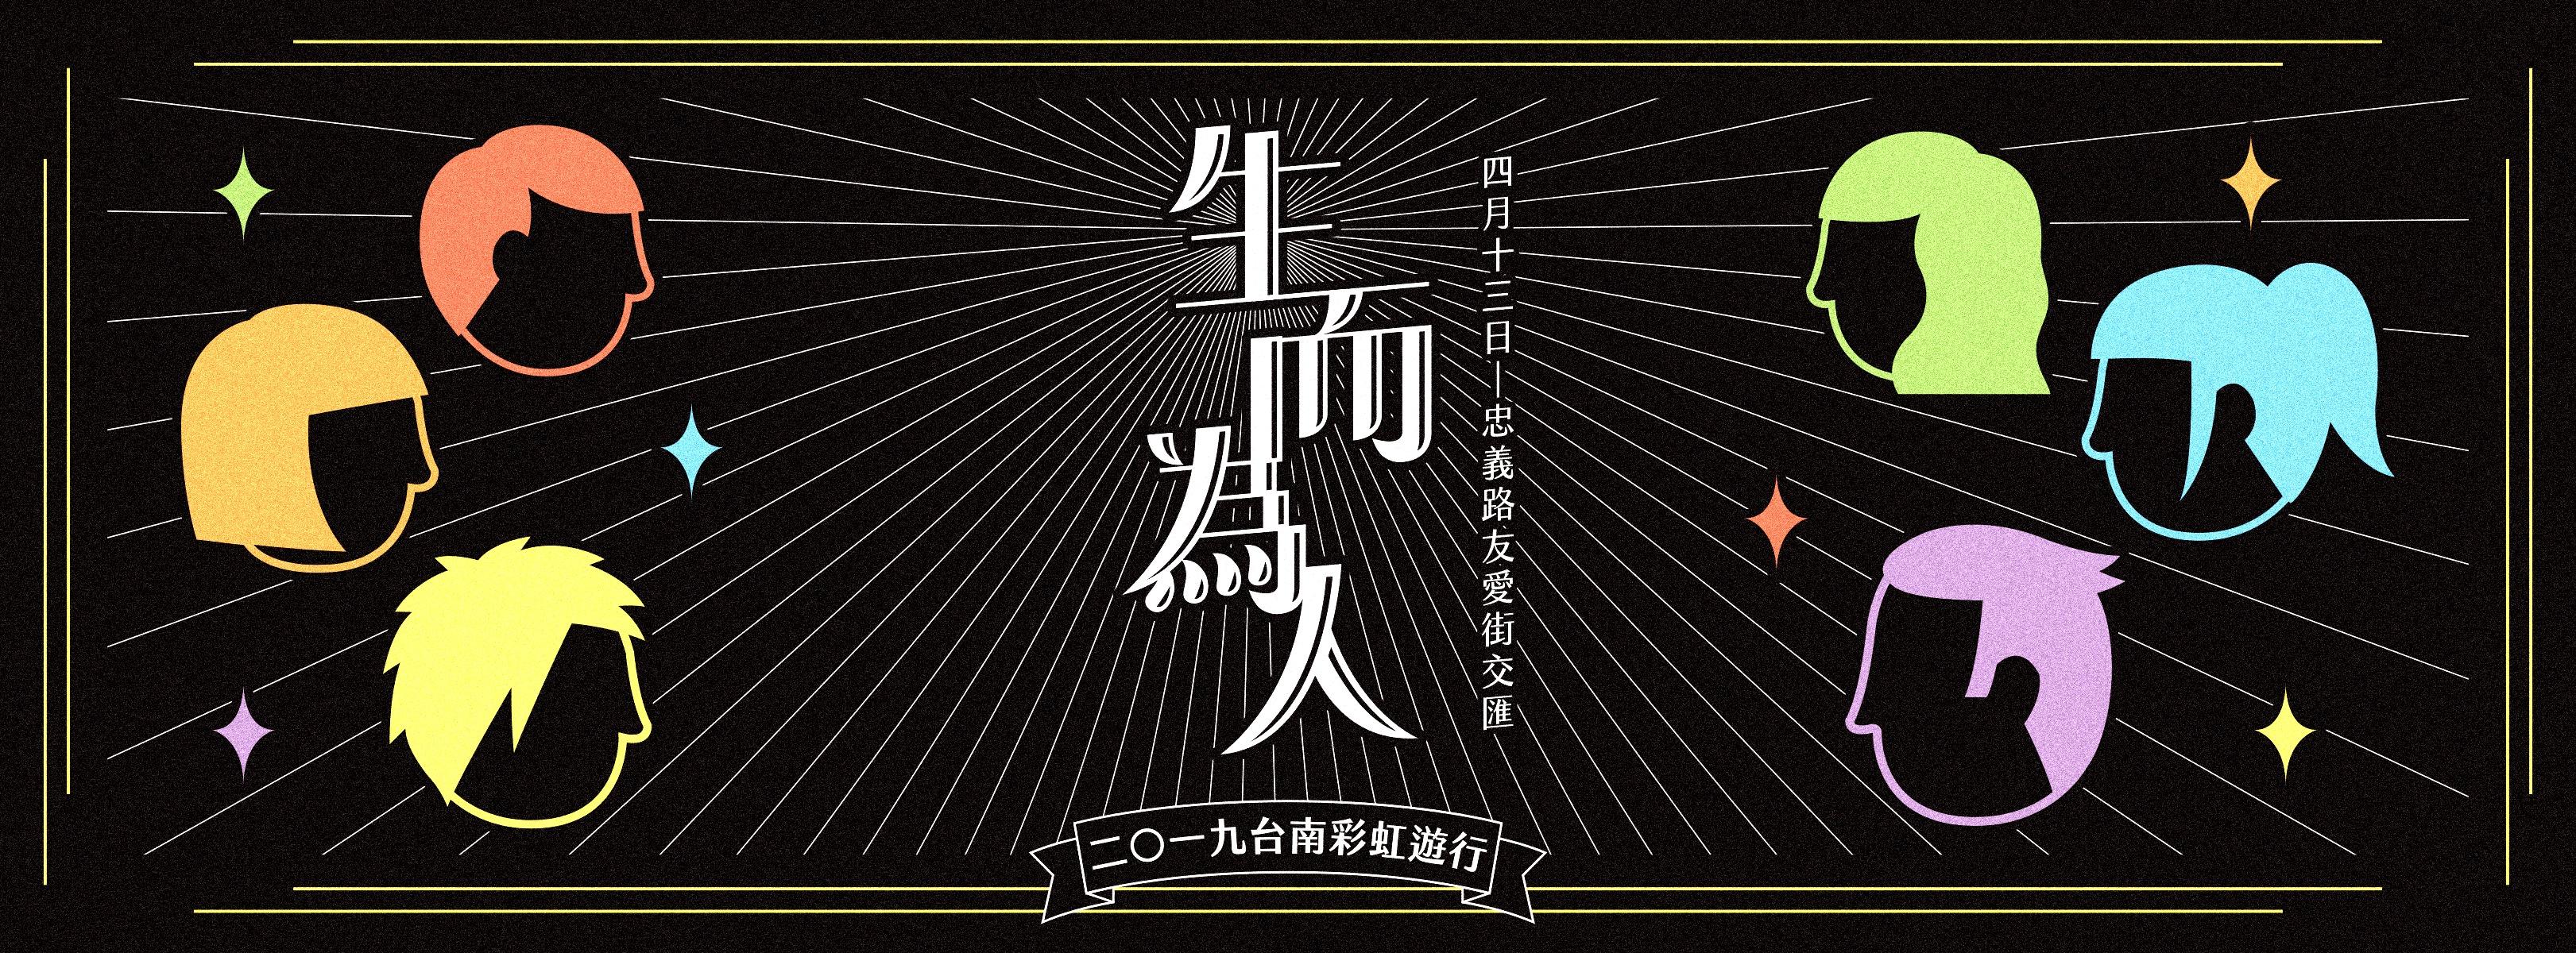 2019 台南彩虹遊行懶人包 4/13 登場